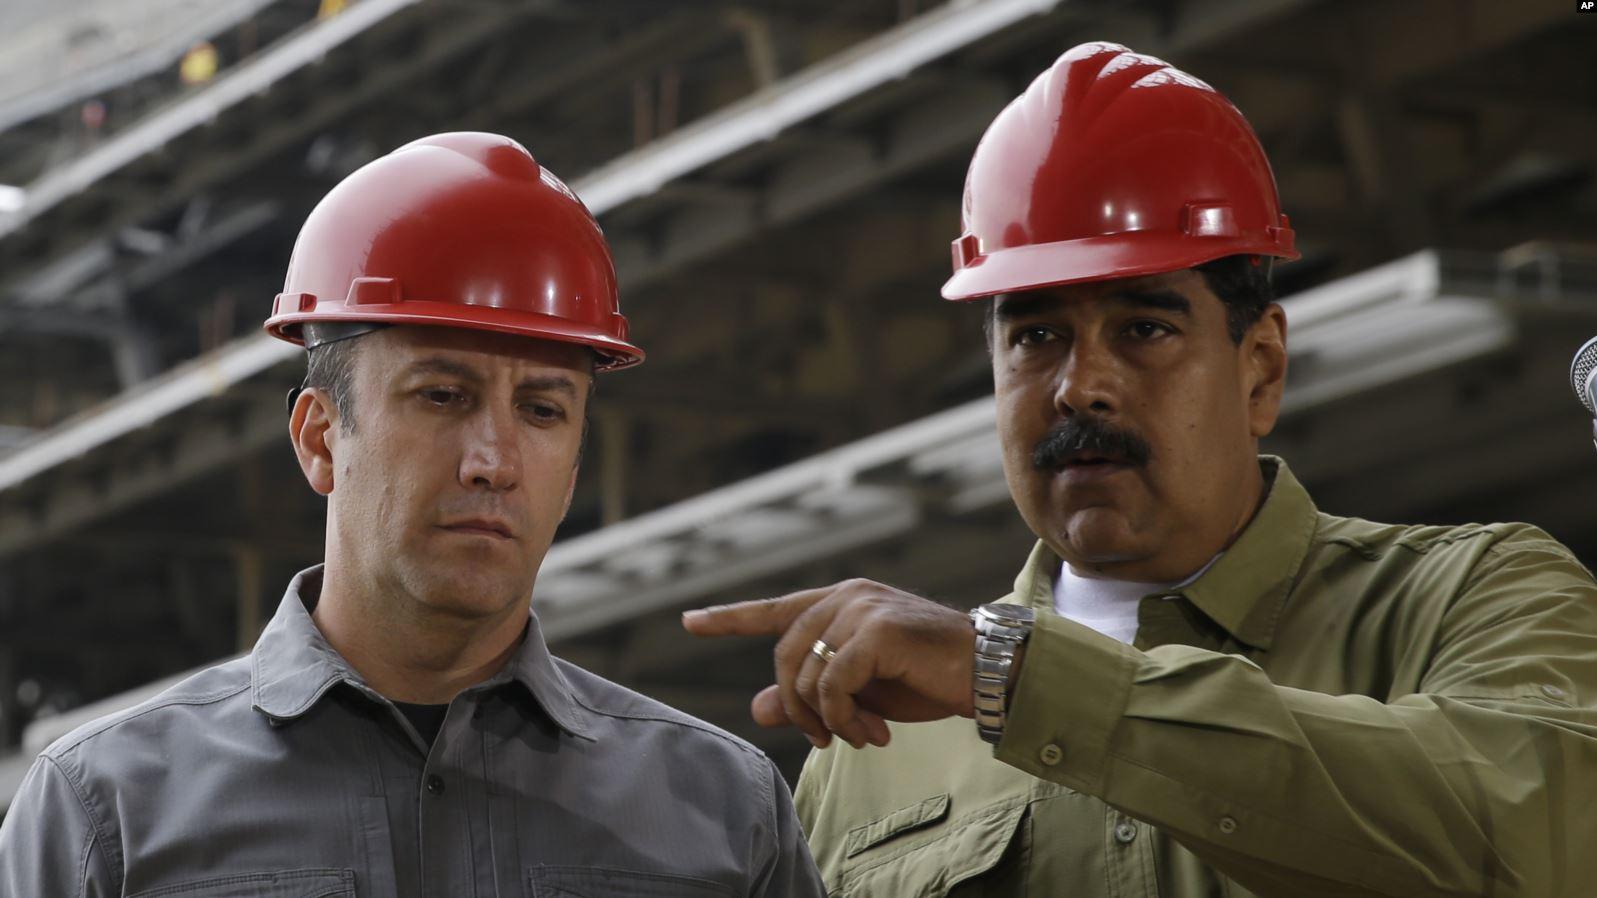 Buscado por EEUU: ¿Quién es el aliado de Maduro encargado de restructurar Pdvsa?